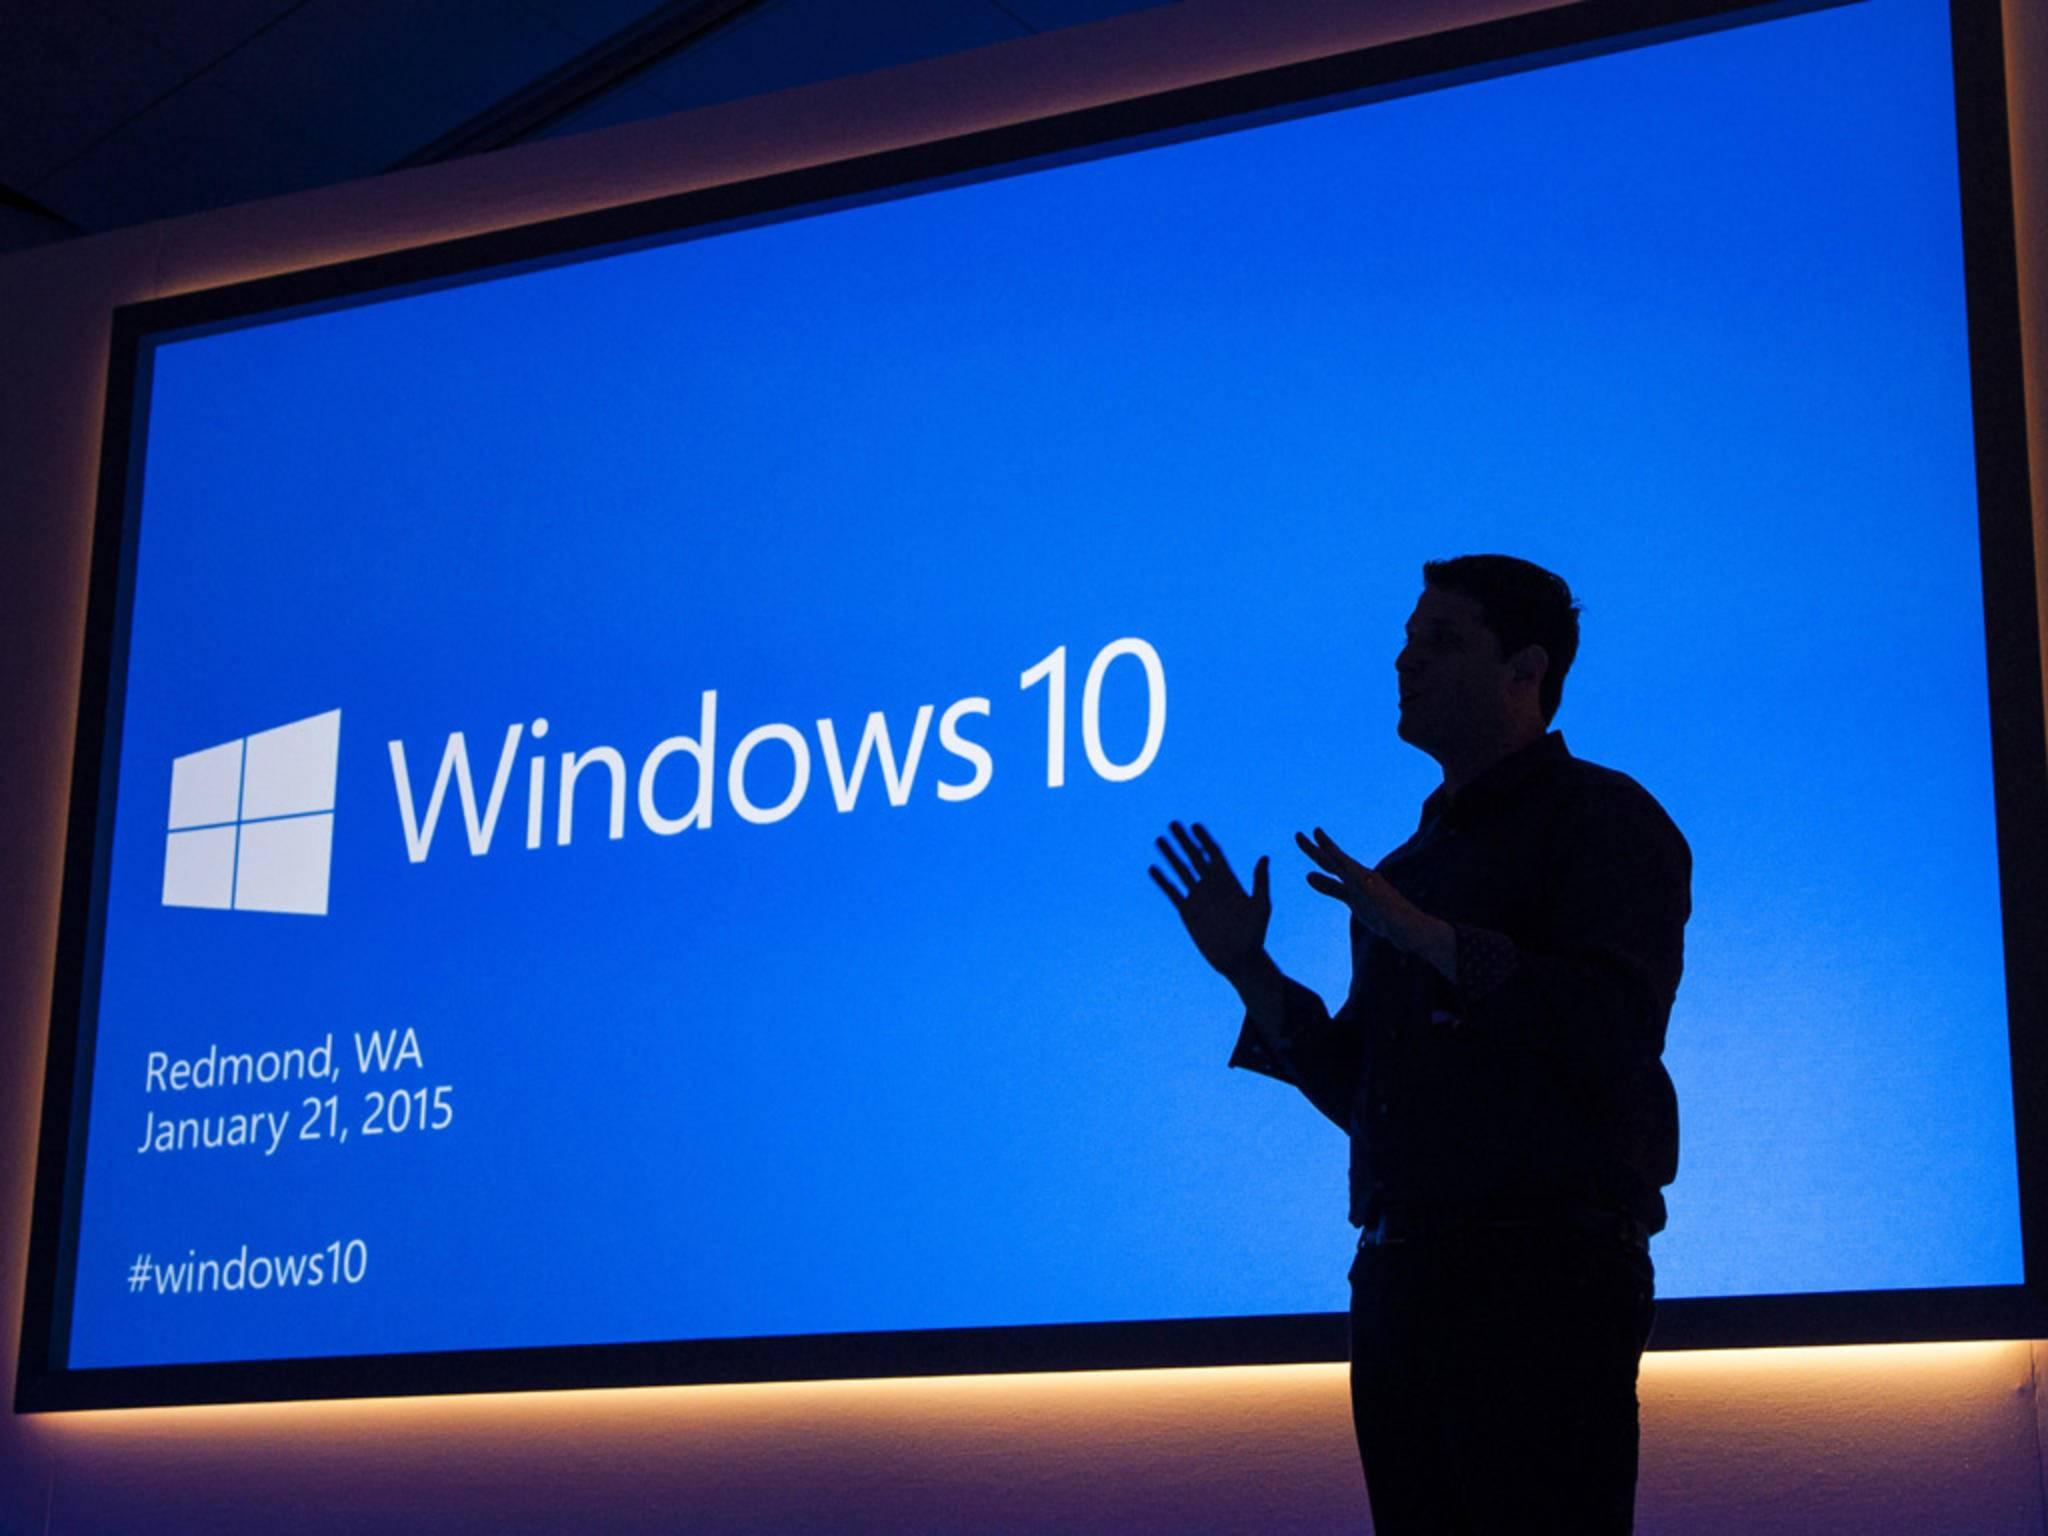 Microsoft hat Windows 10 wohl etwas zu sehr gepusht.